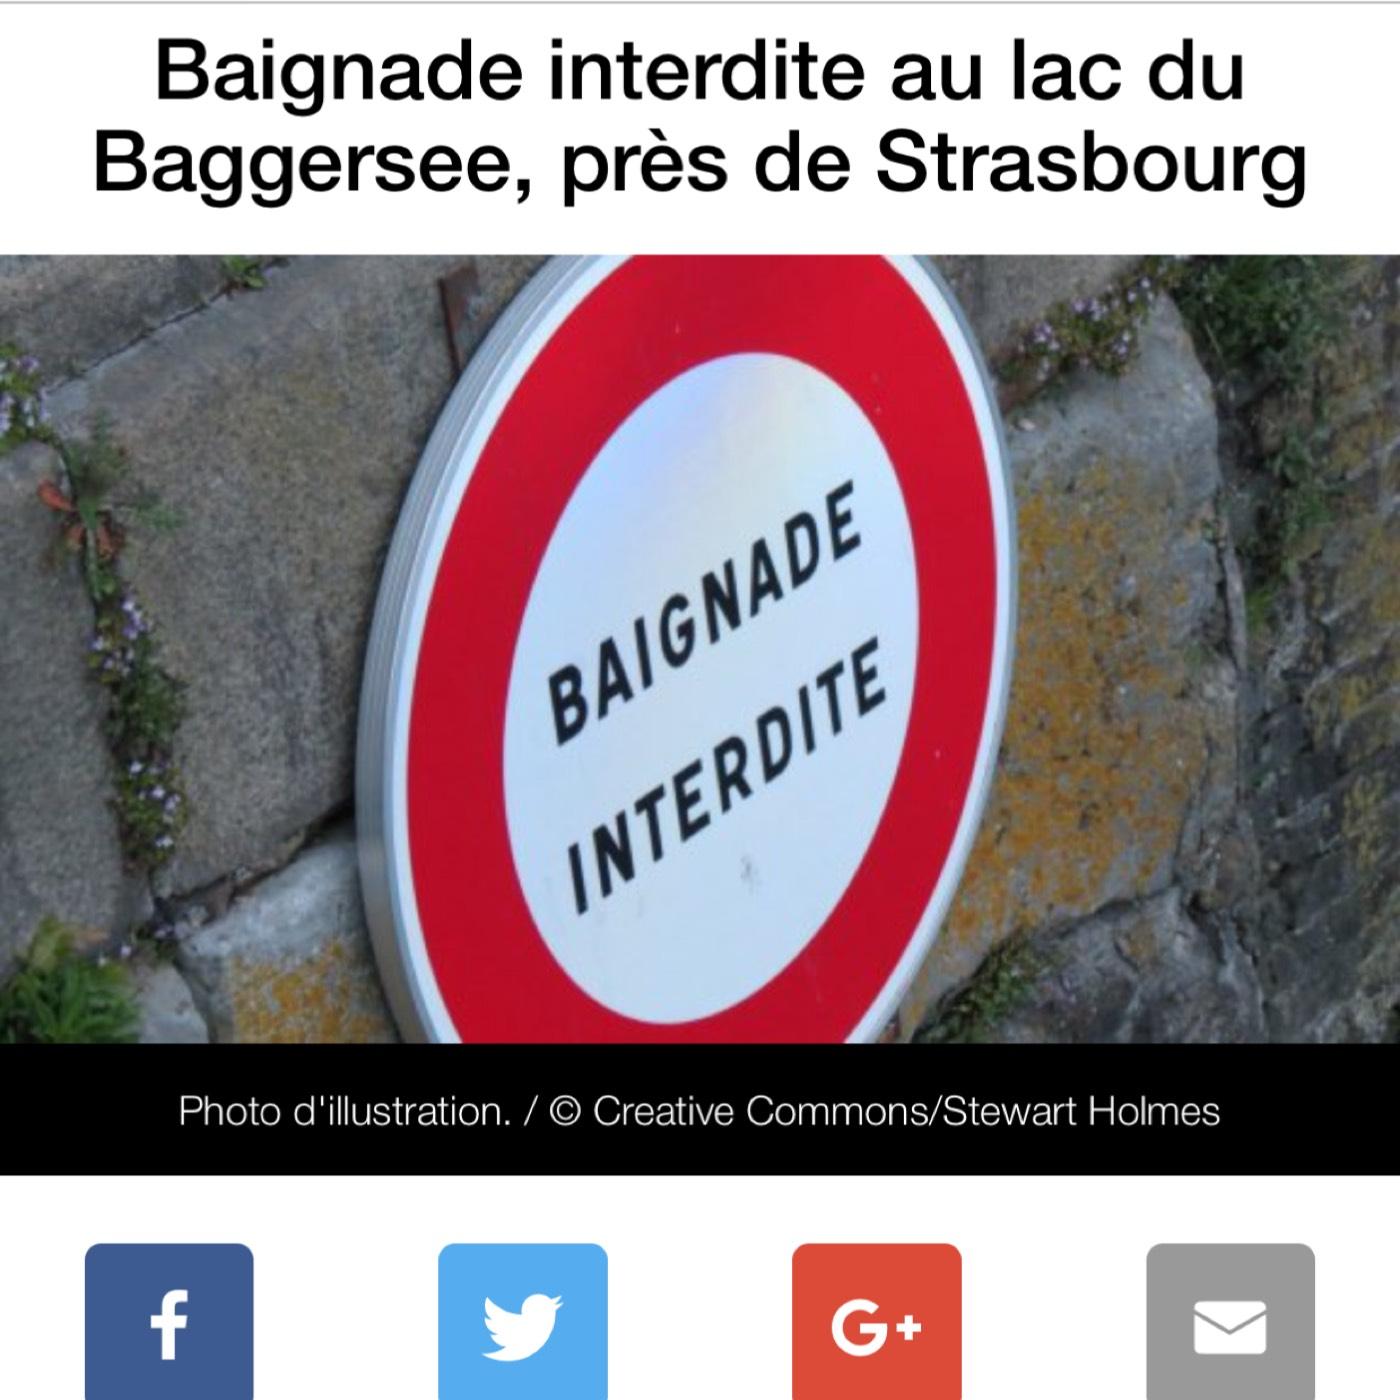 28/07/2017 Epidose 59! #grognon #sciatique #caca #BaignadeInterdite #grrrr